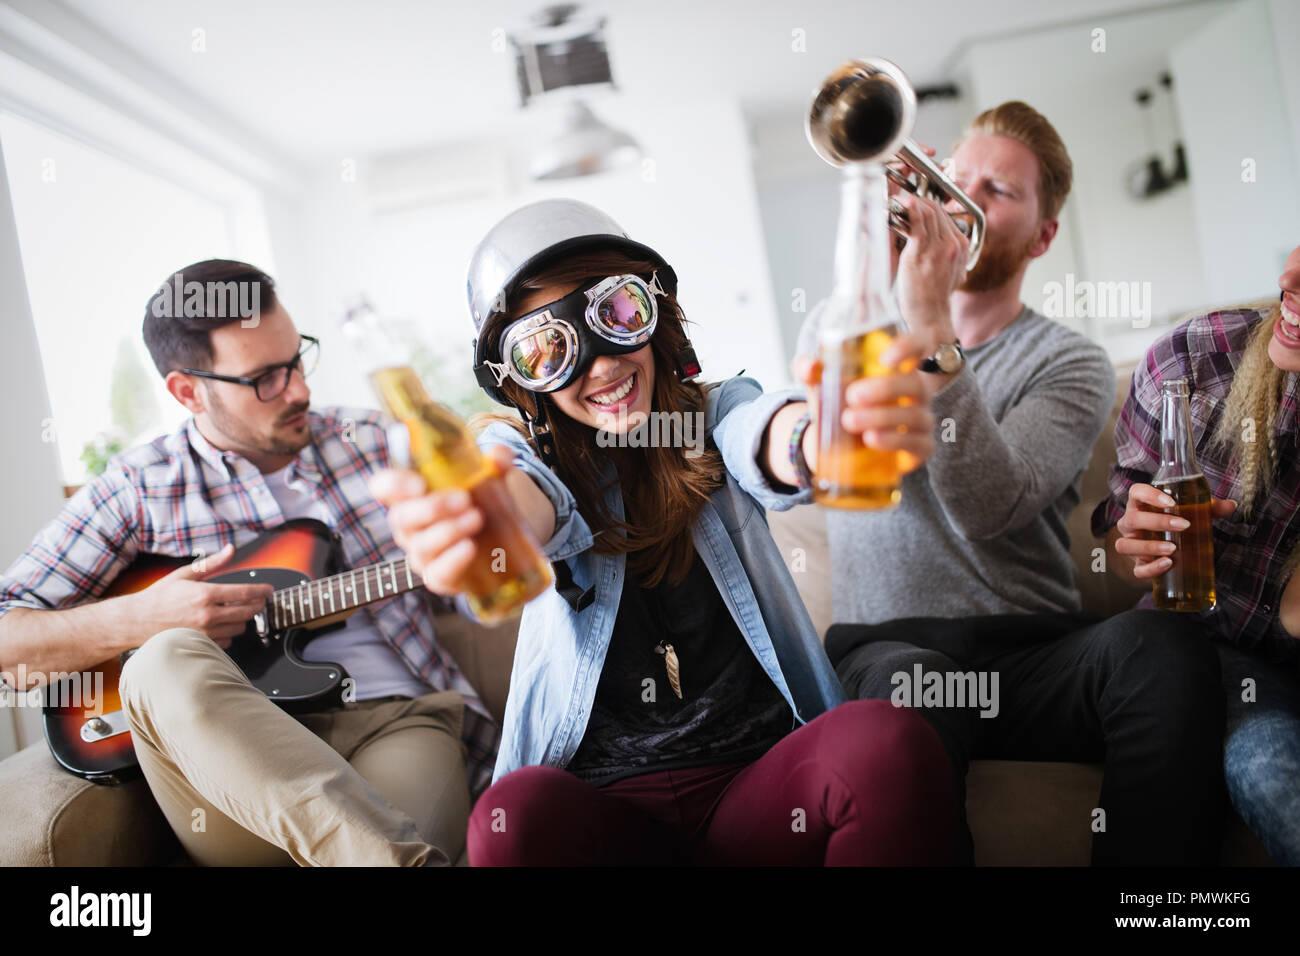 Groupe d'amis s'amuser, faire la fête et boire Photo Stock